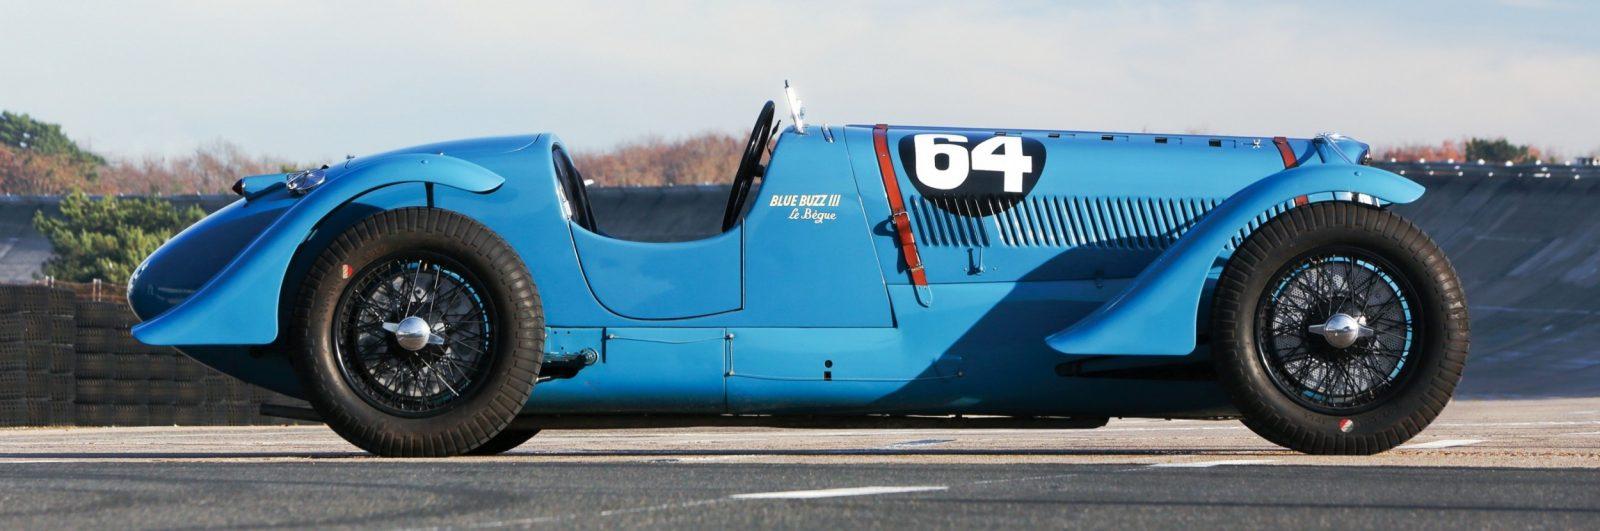 RM Auctions – Paris 2014 Preview Series, Part3 – 1936 Delahaye Type 135S 5